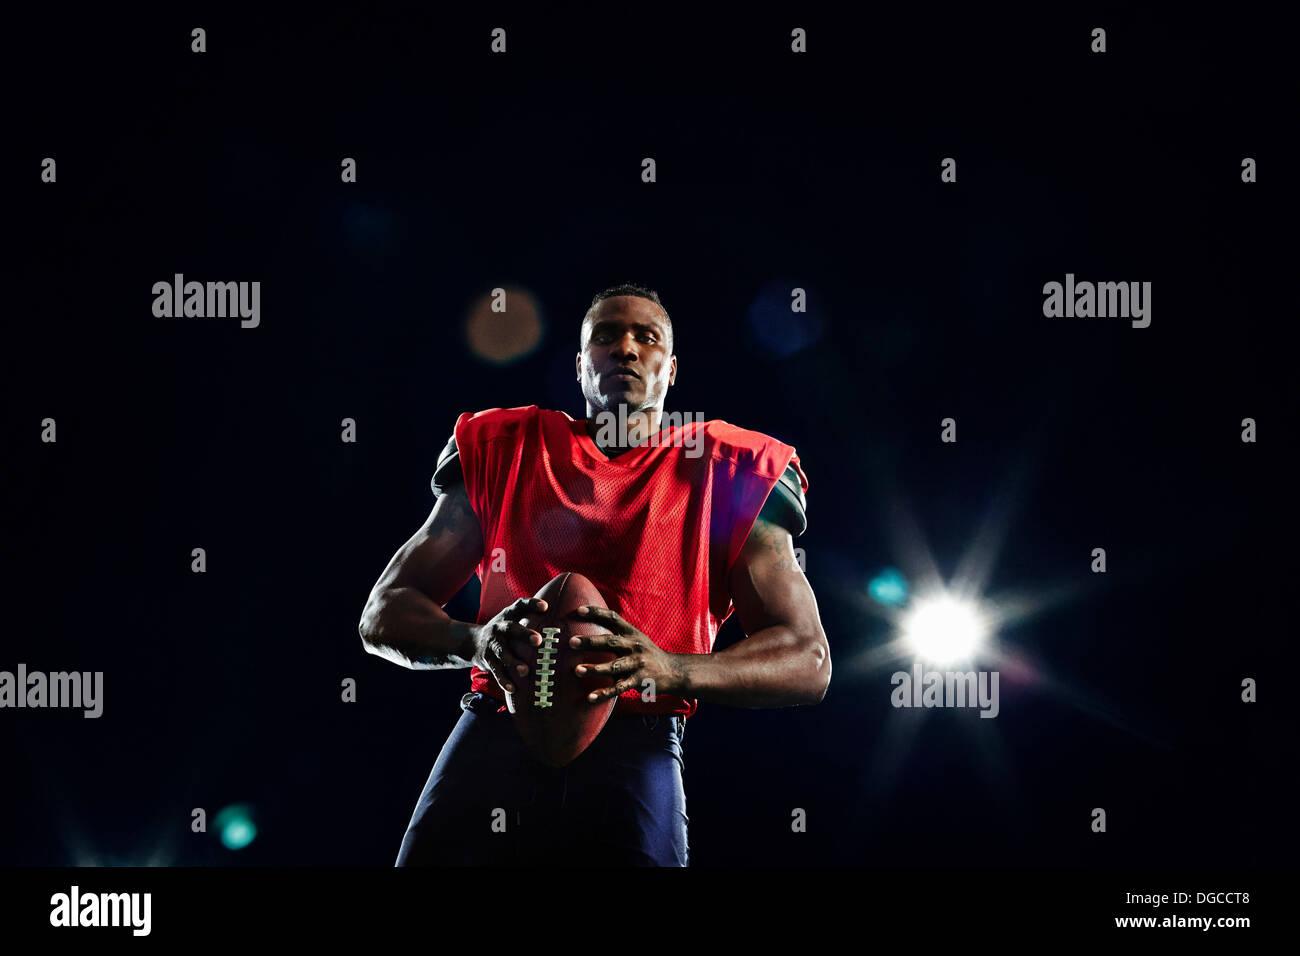 Retrato del jugador con balón de fútbol americano Imagen De Stock